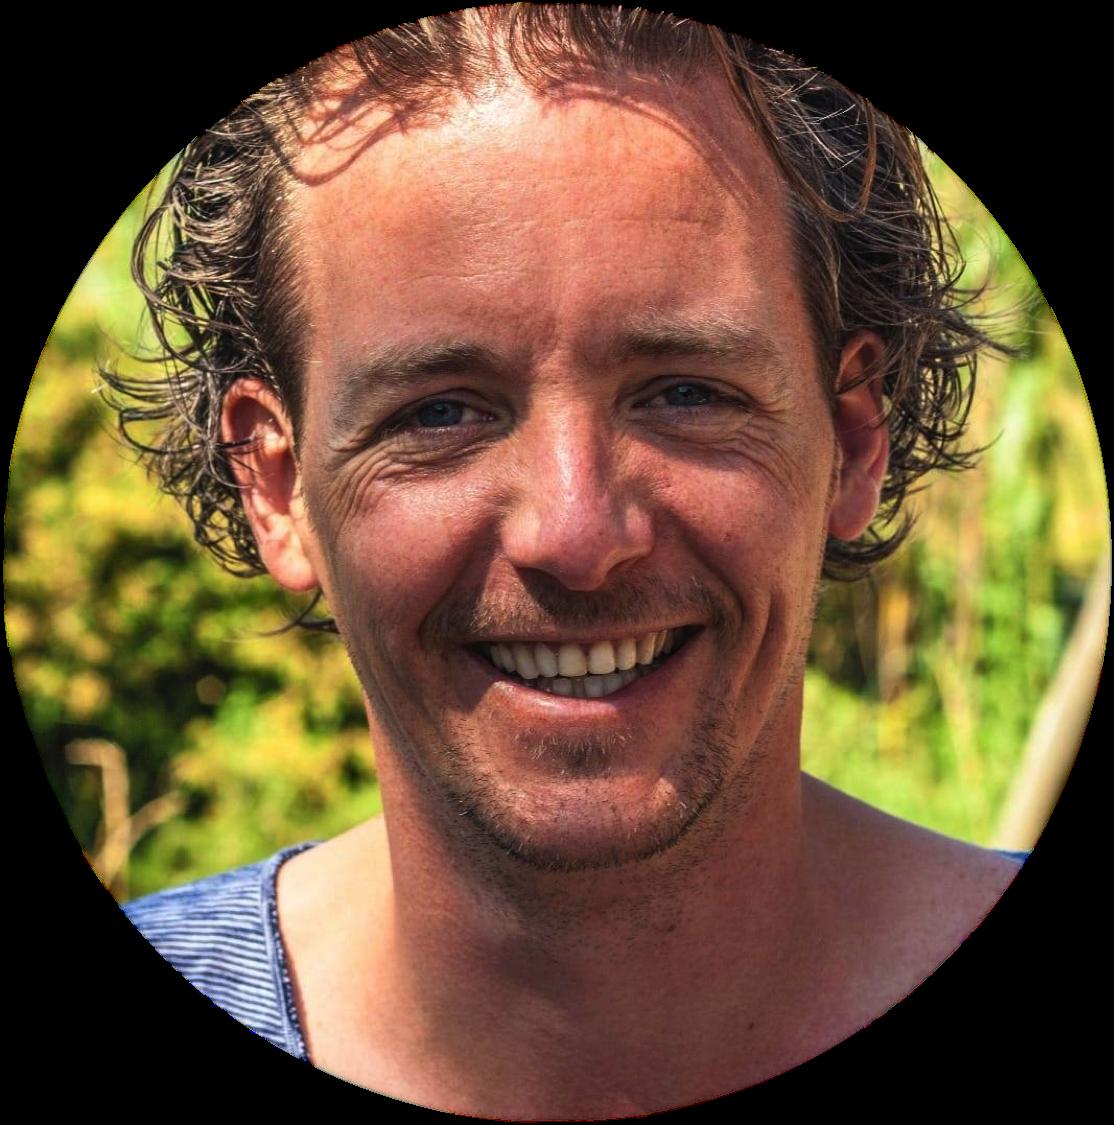 Robert Bridgeman voorwoord Het Millennial Mysterie expert spreker trainer stress meditatie generatie twintiger